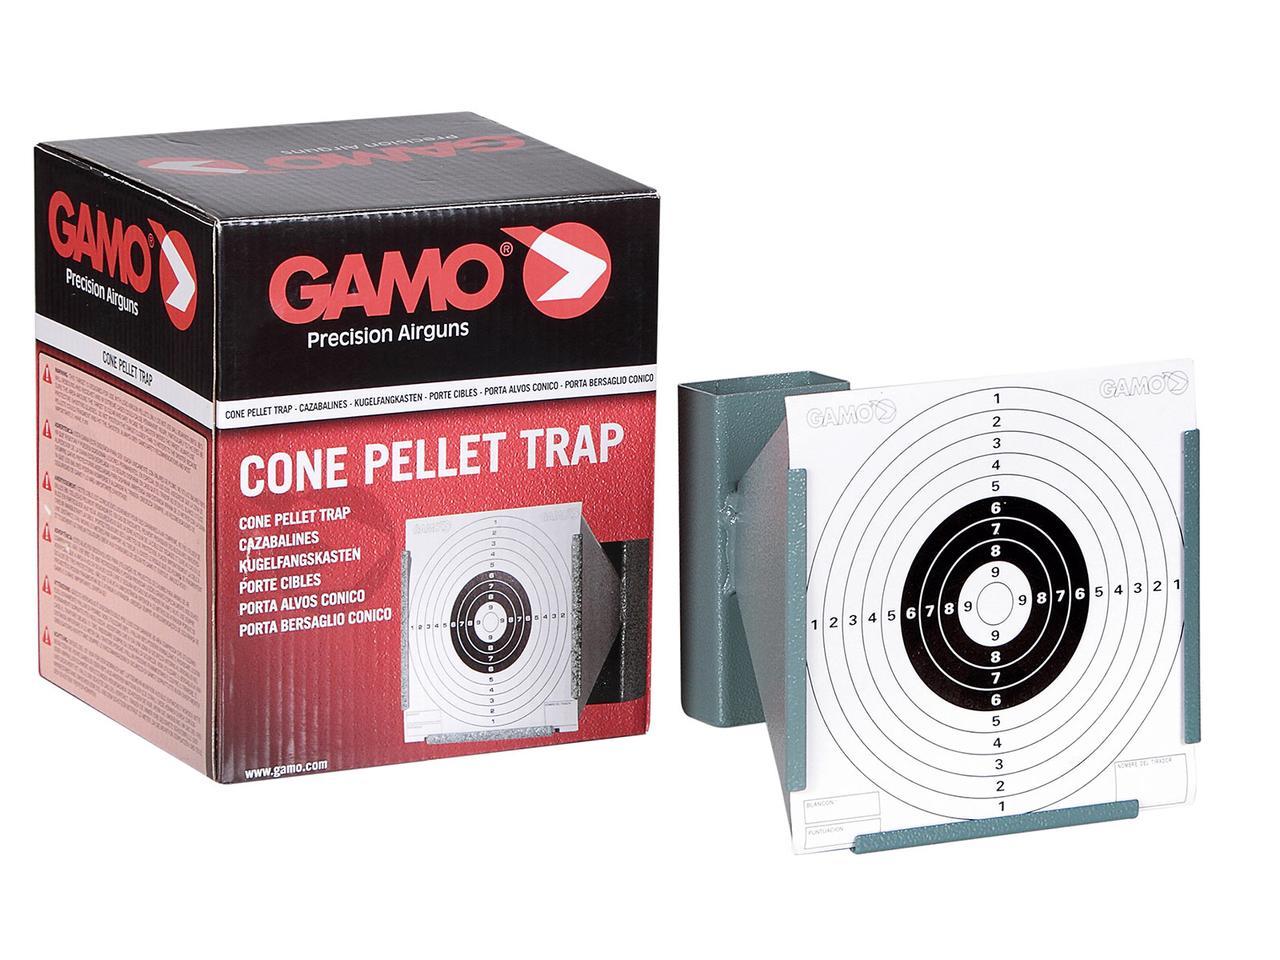 Пулеулавливатель Gamo